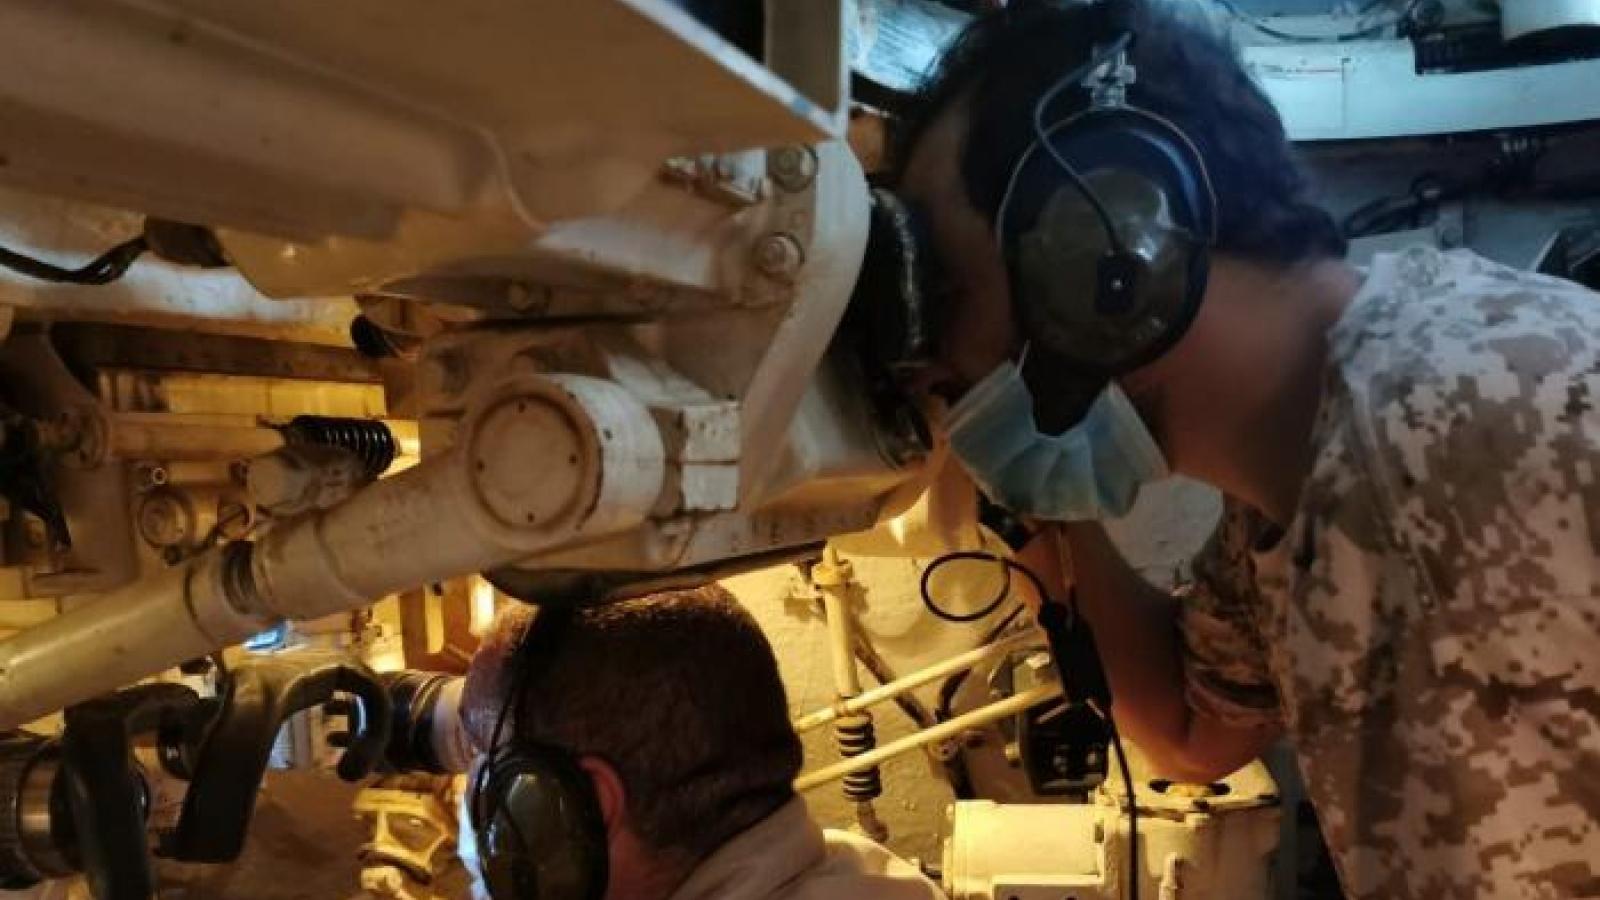 Thổ Nhĩ Kỳ tiếp tục chương trình huấn luyện quân sự ở Libya